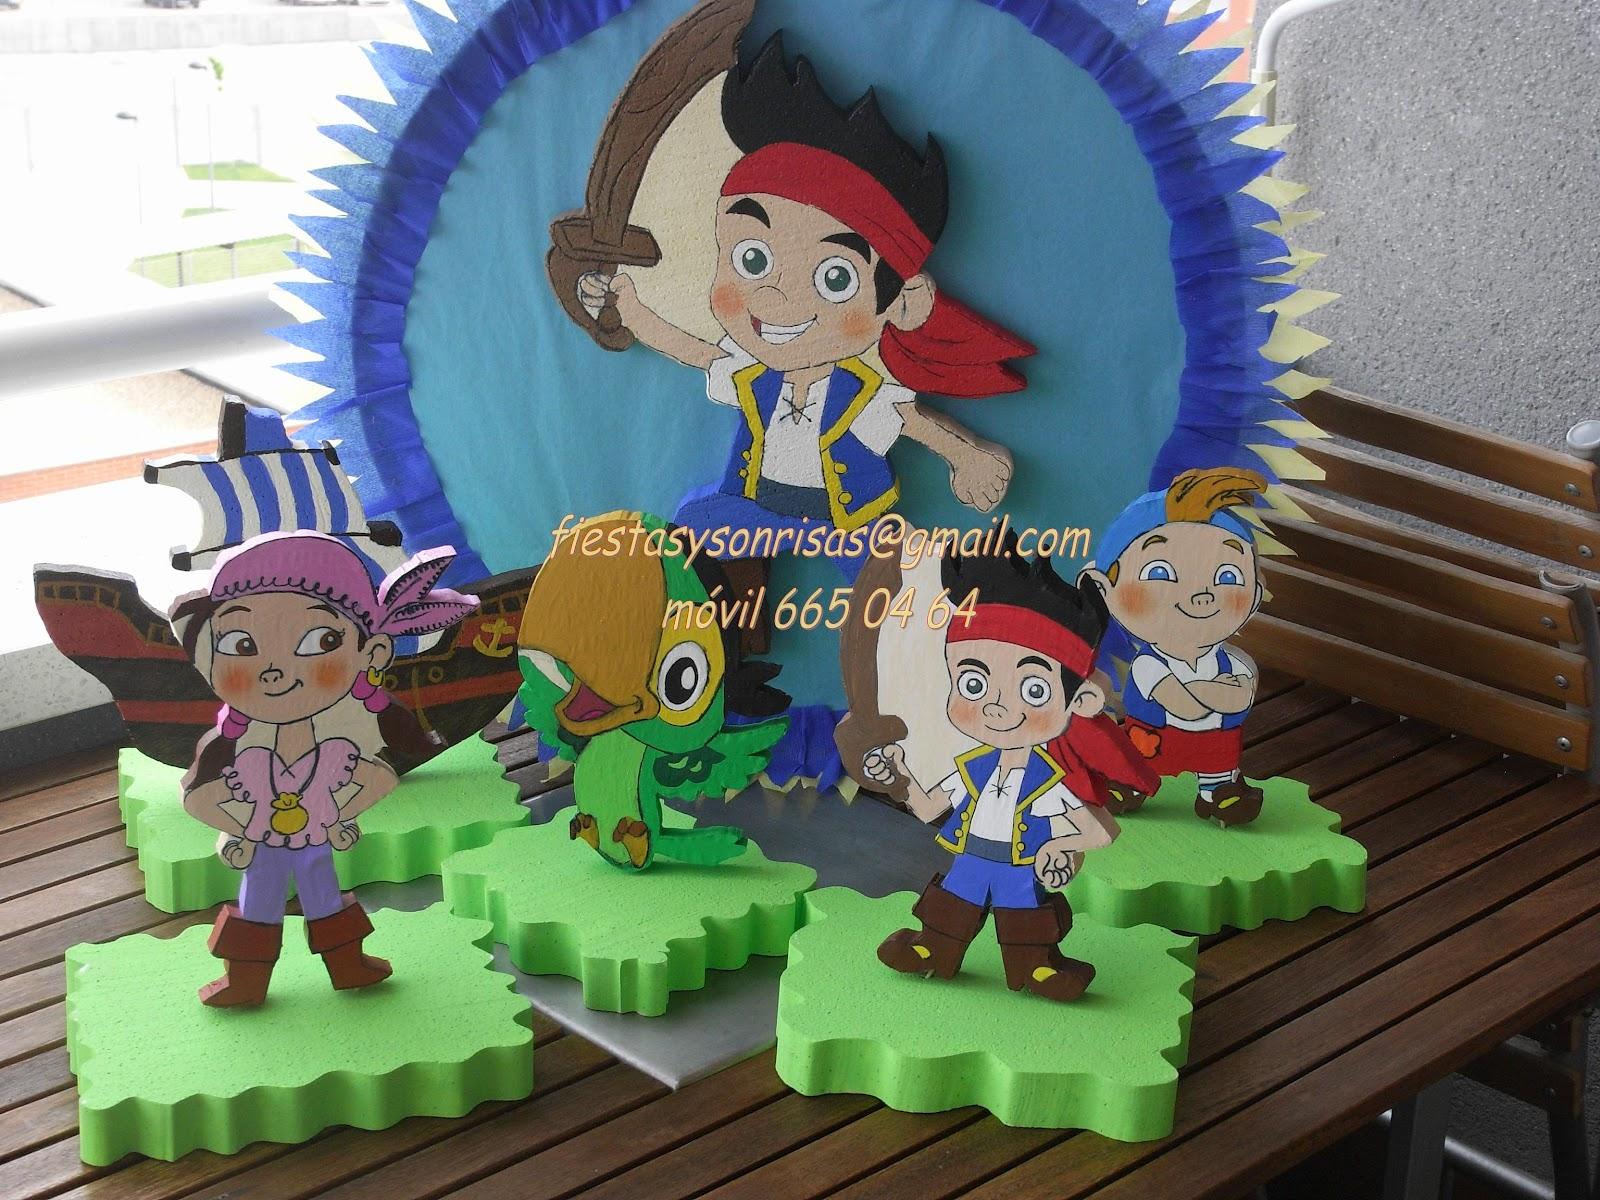 Decoracion de fiesta jake y los piratas de nunca jamas for Yei y los piratas de nunca jamas